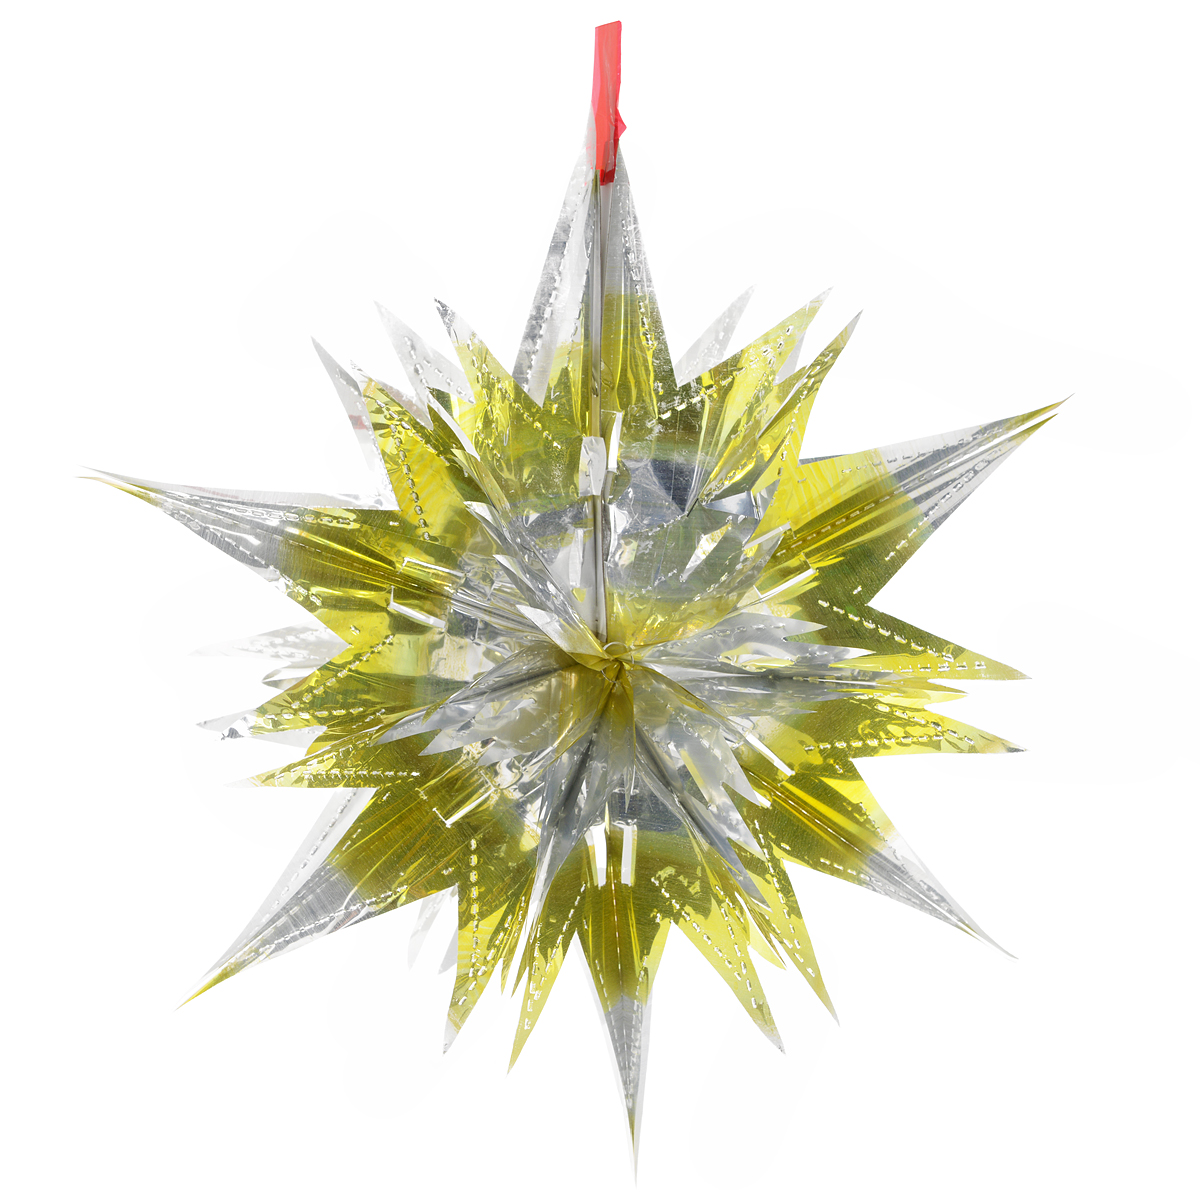 Новогоднее подвесное украшение Звезда, цвет: серебристый, желтый. 27009NLED-454-9W-BKНовогоднее украшение Звезда отлично подойдет для декорации вашего дома и новогодней ели. Украшение выполнено из ПВХ в форме многогранной многоцветной звезды. С помощью специальной петельки звезду можно повесить в любом понравившемся вам месте. Украшение легко складывается и раскладывается благодаря металлическим кольцам. Новогодние украшения несут в себе волшебство и красоту праздника. Они помогут вам украсить дом к предстоящим праздникам и оживить интерьер по вашему вкусу. Создайте в доме атмосферу тепла, веселья и радости, украшая его всей семьей. Коллекция декоративных украшений из серии Magic Time принесет в ваш дом ни с чем не сравнимое ощущение волшебства!Размер украшения (в сложенном виде): 25 см х 21,5 см.